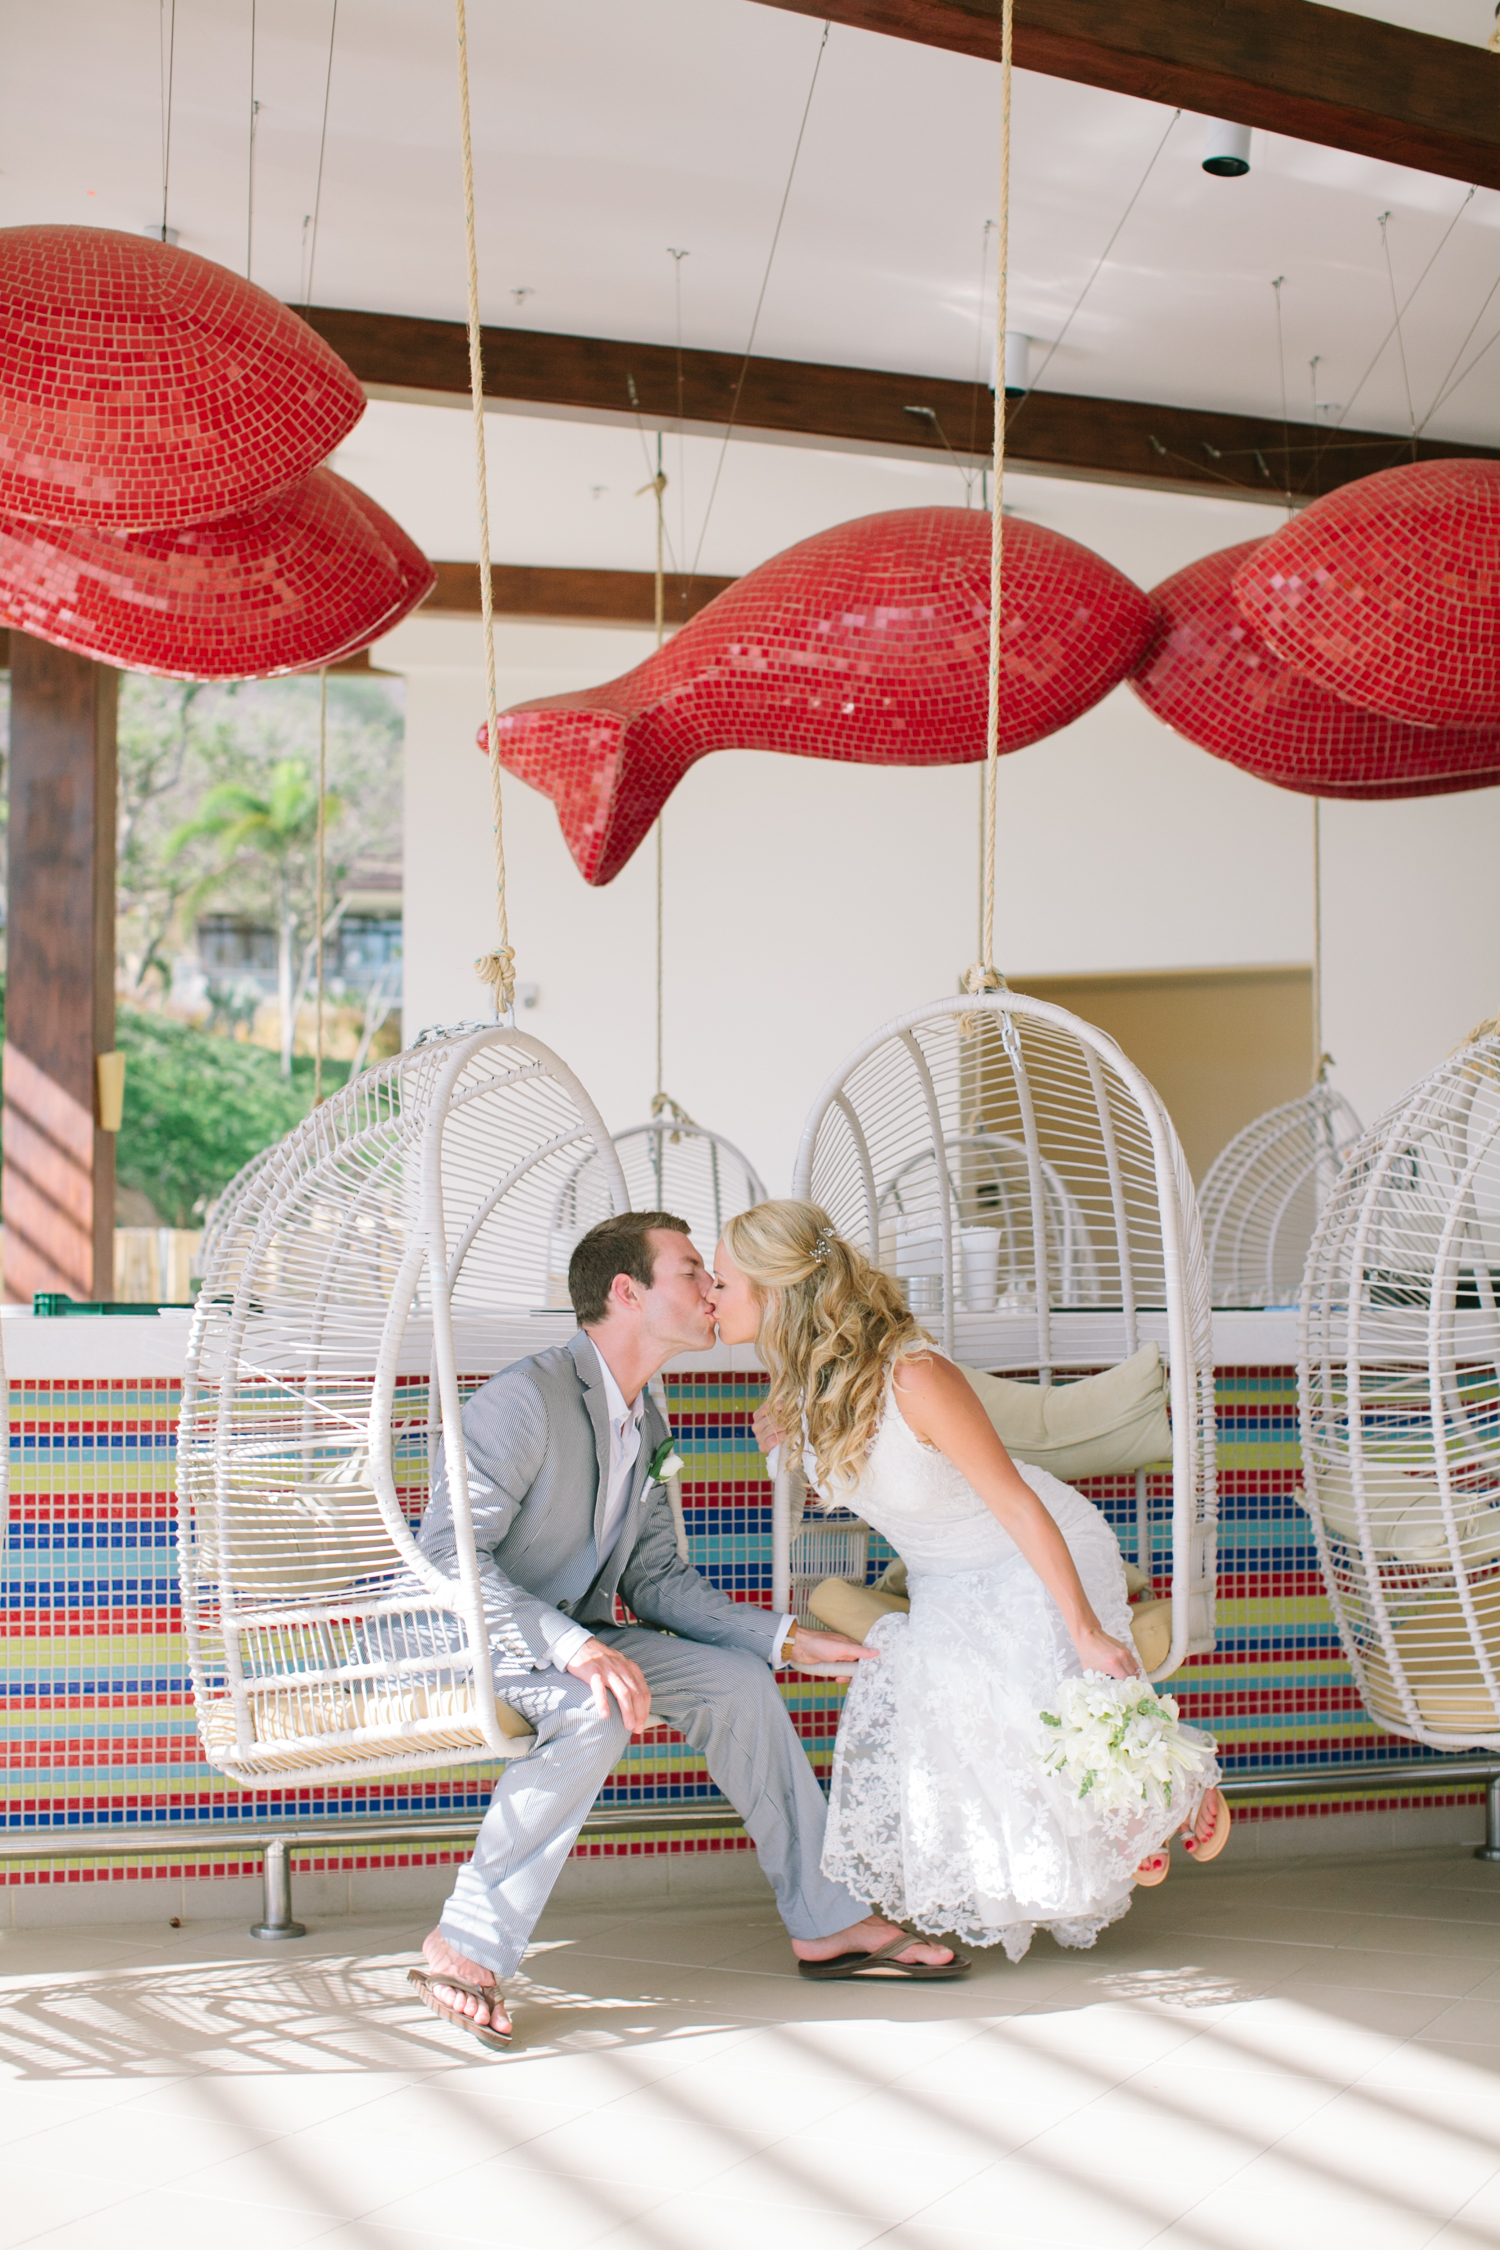 Costa Rica Dreams Las Mareas Wedding by Michelle Cross-2.jpg